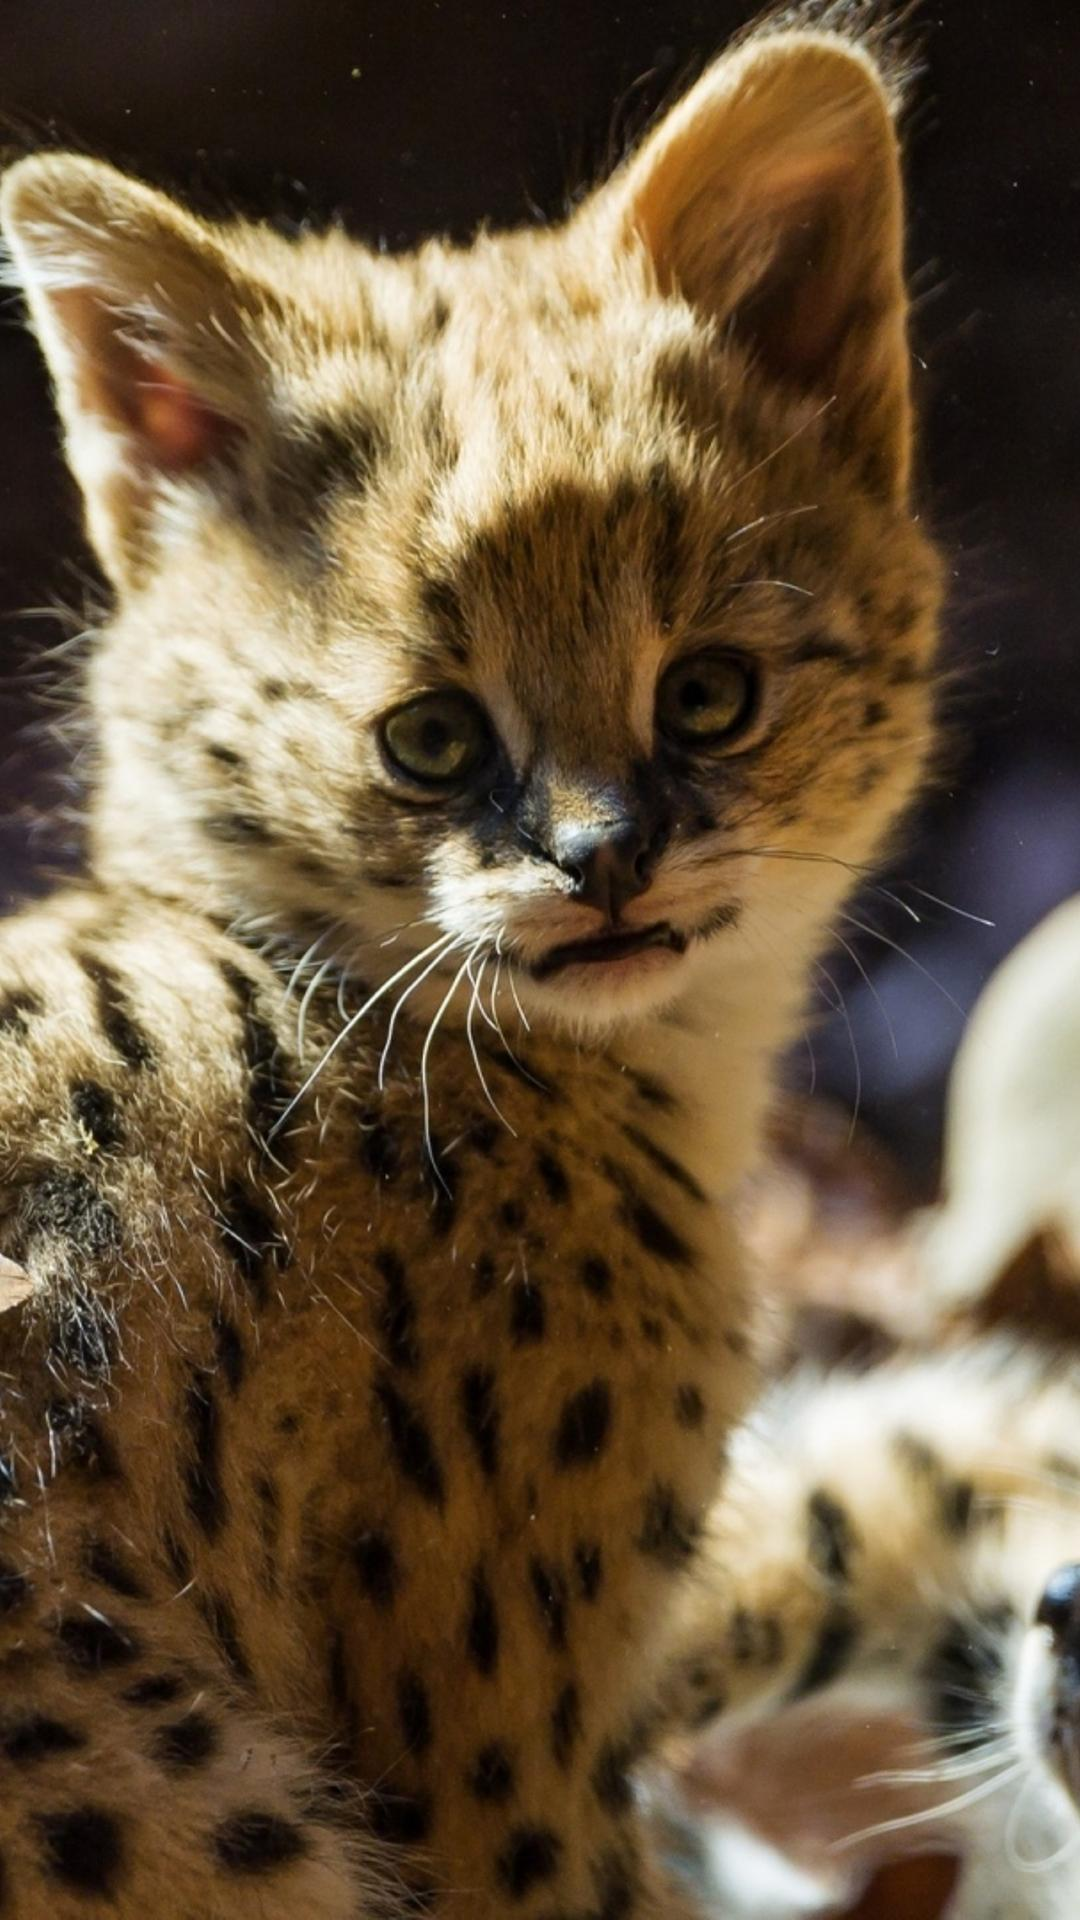 baby cute jaguar wallpaper - photo #40